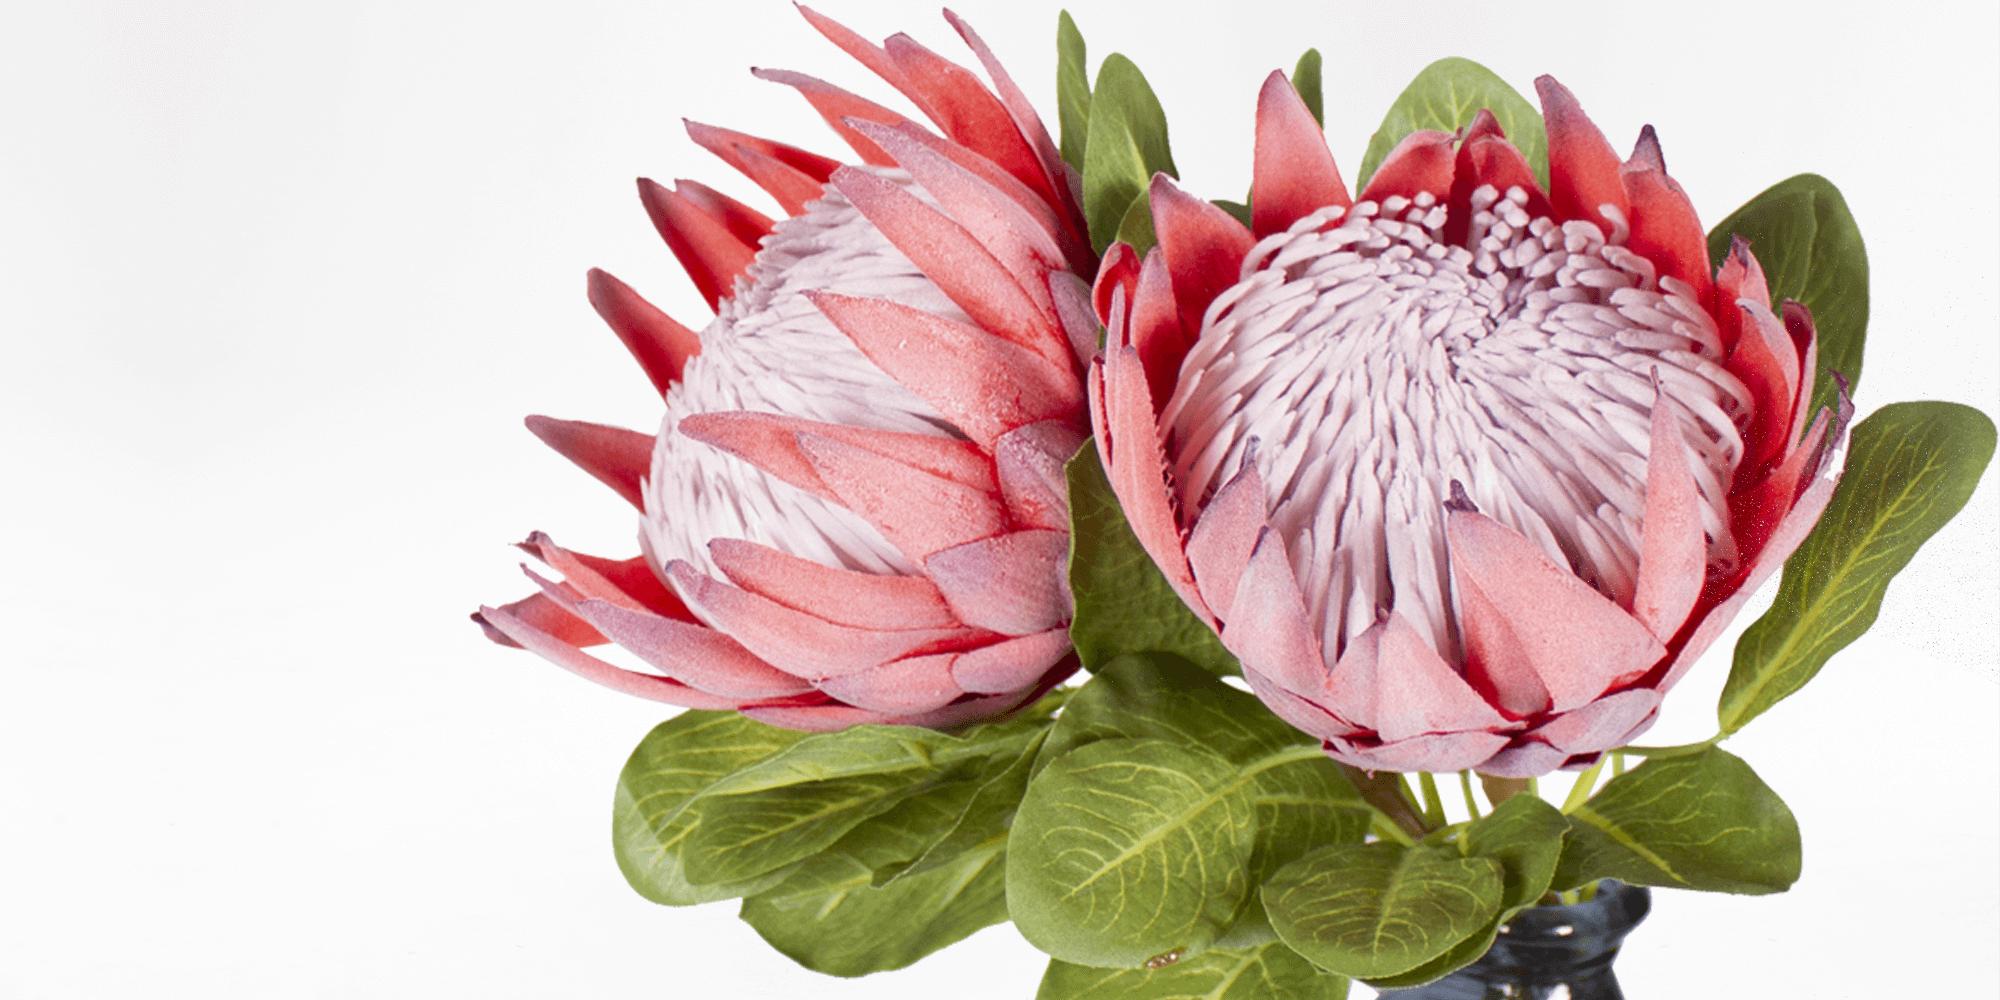 King Protea Natural Coricraft Protea Flower King Protea Protea